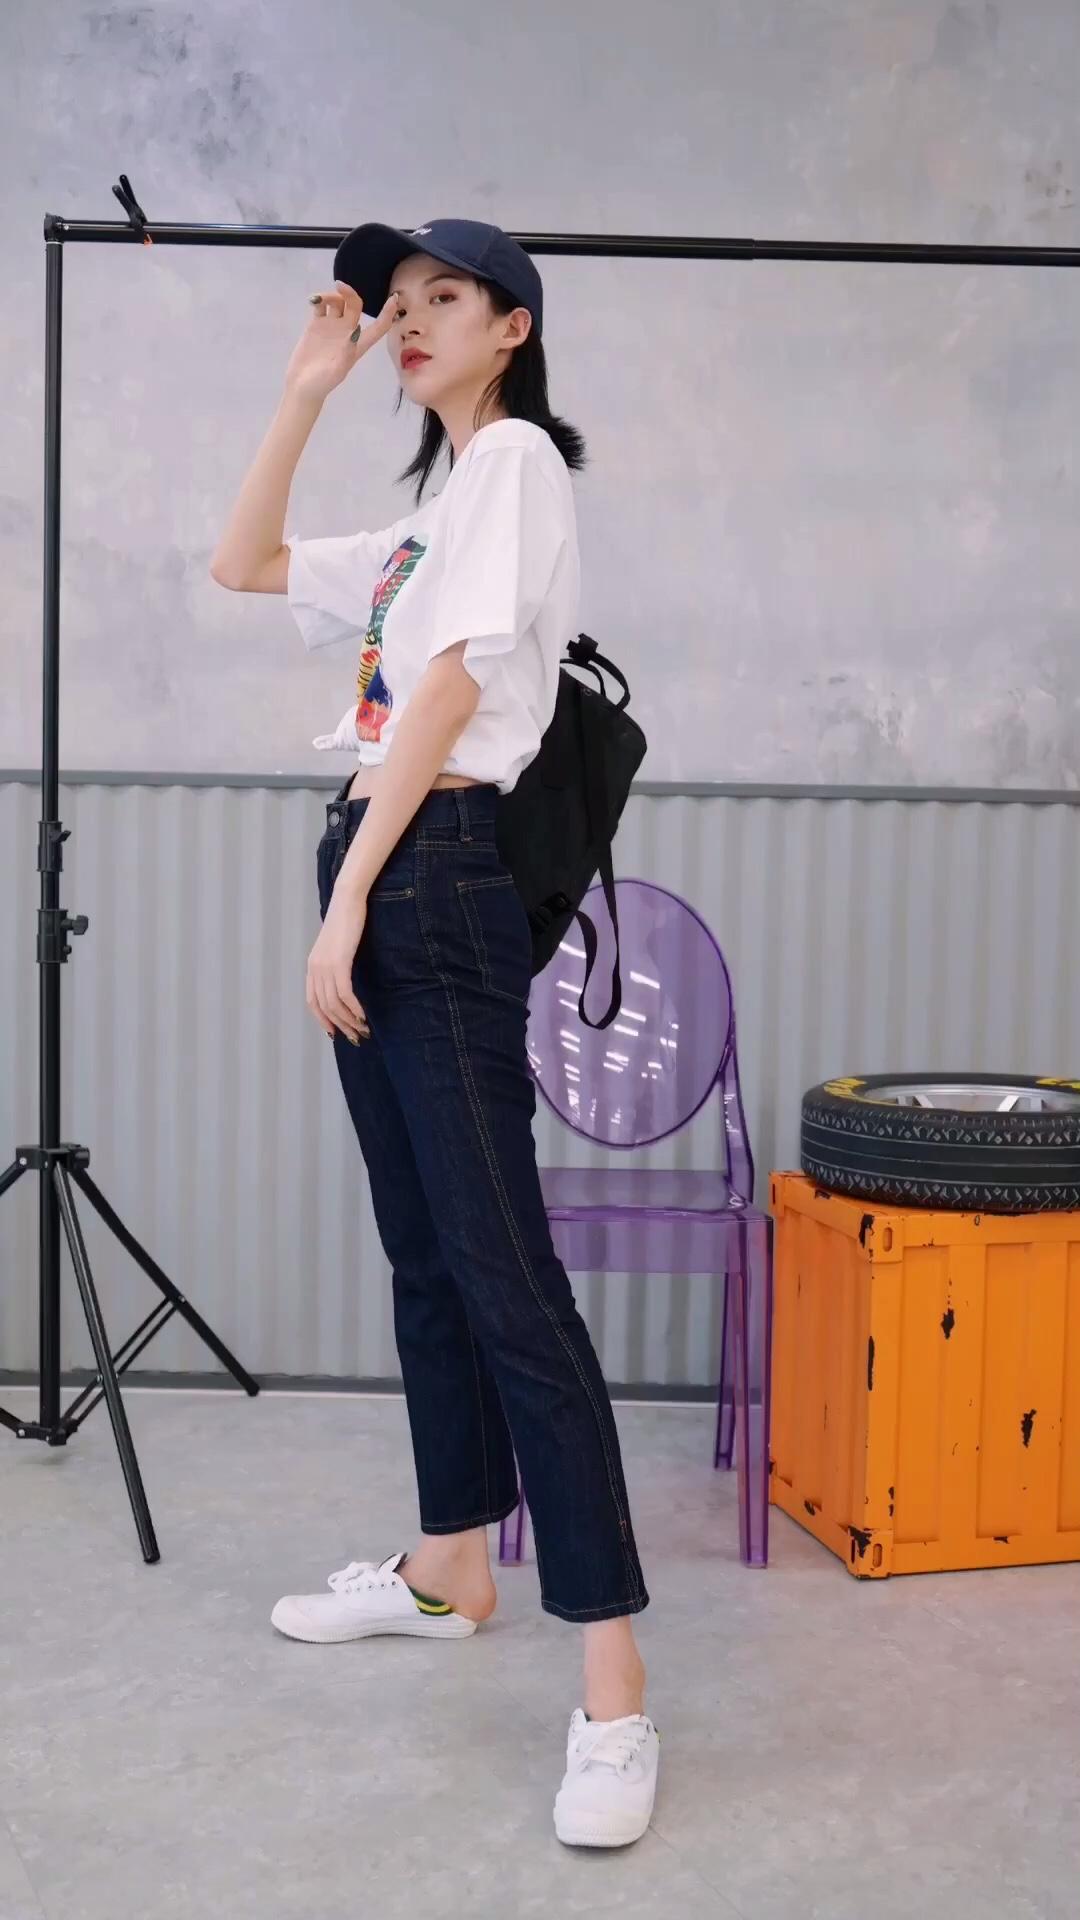 #蘑菇街新品测评#这次新品中本命爱的高腰牛仔裤!!深色显瘦,高腰显腿长!!T恤前面的印花好好看~腰间扎个小揪揪,有个性并且拉长腰身~